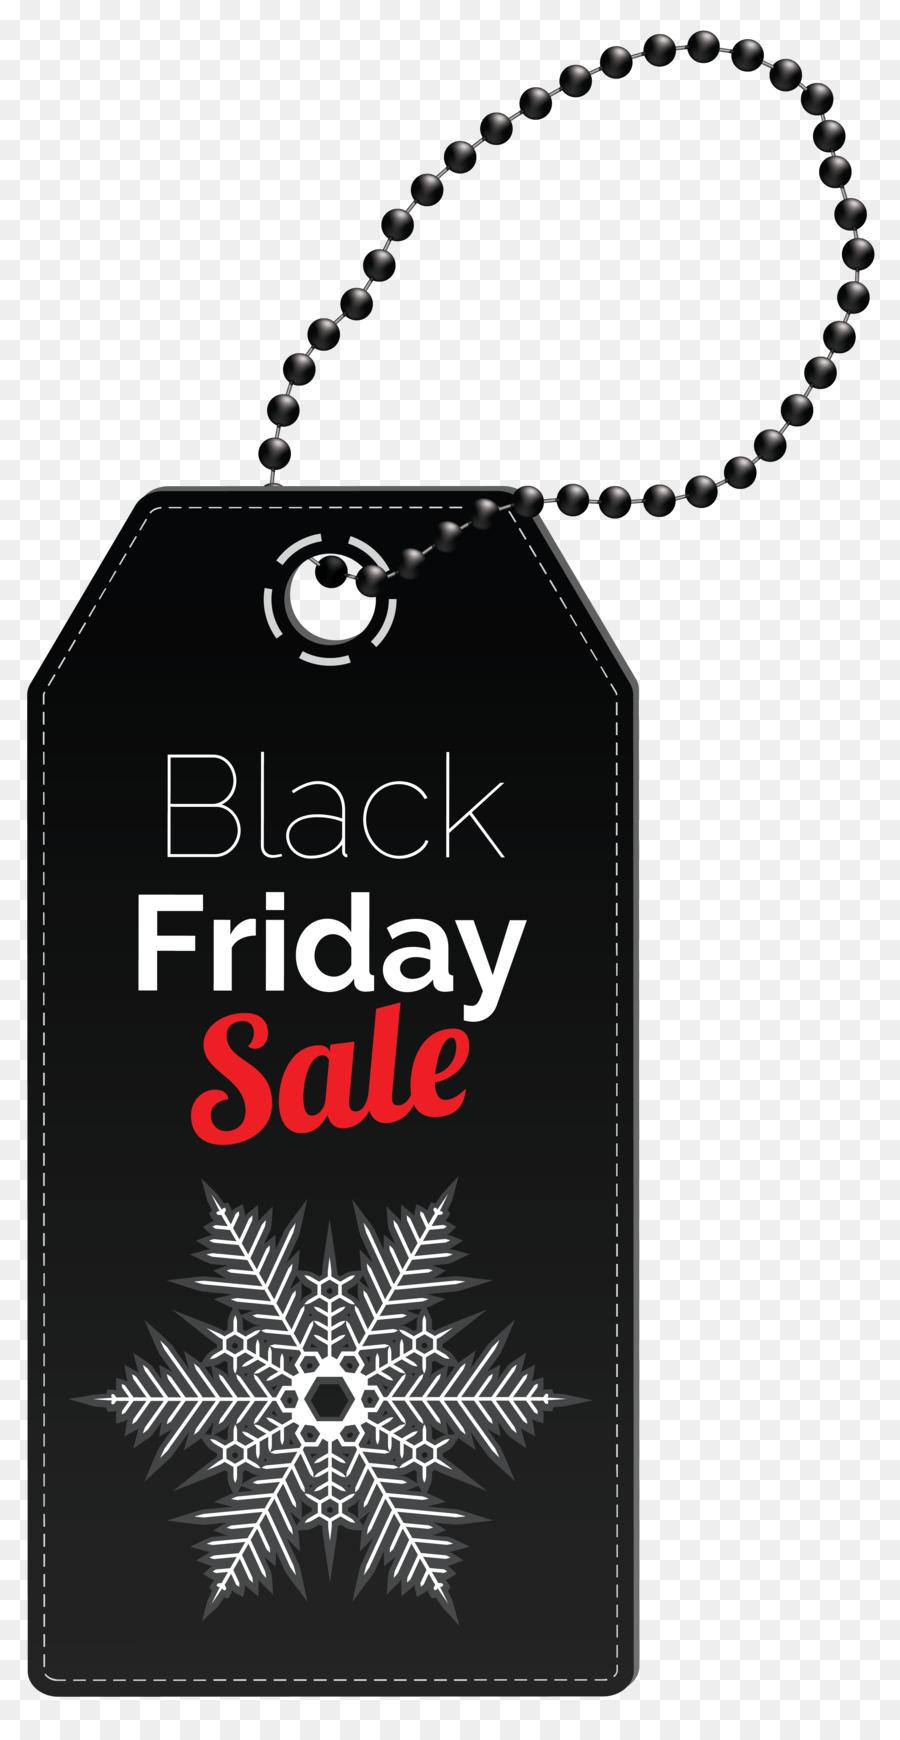 black friday clip art free clipart Black Friday Clip art